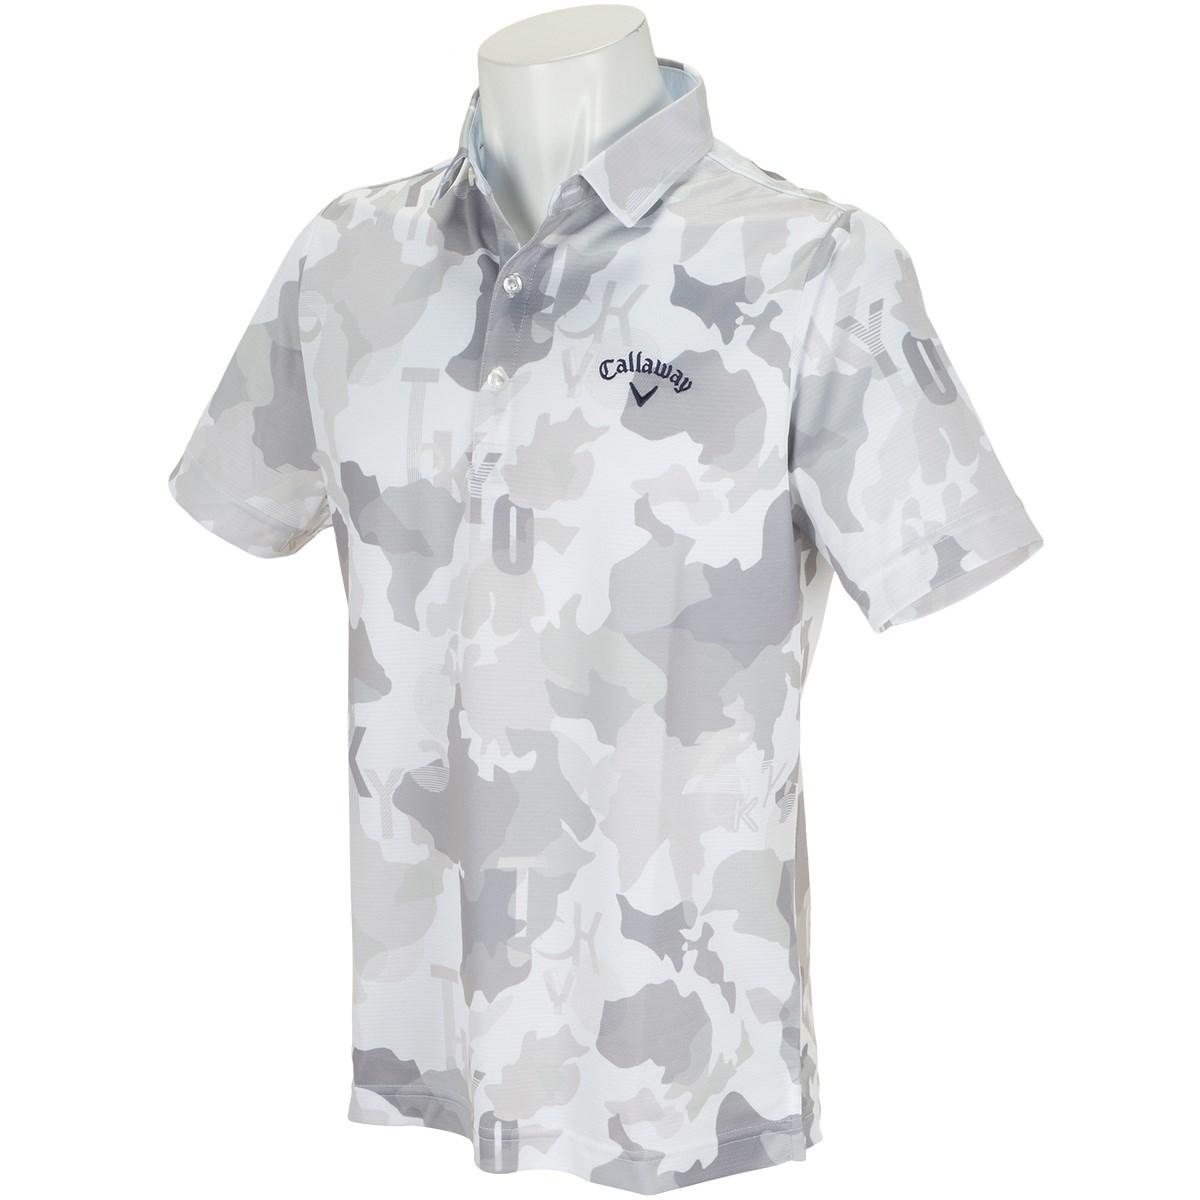 キャロウェイゴルフ(Callaway Golf) 変形鹿の子マッププリント カラー半袖ポロシャツ